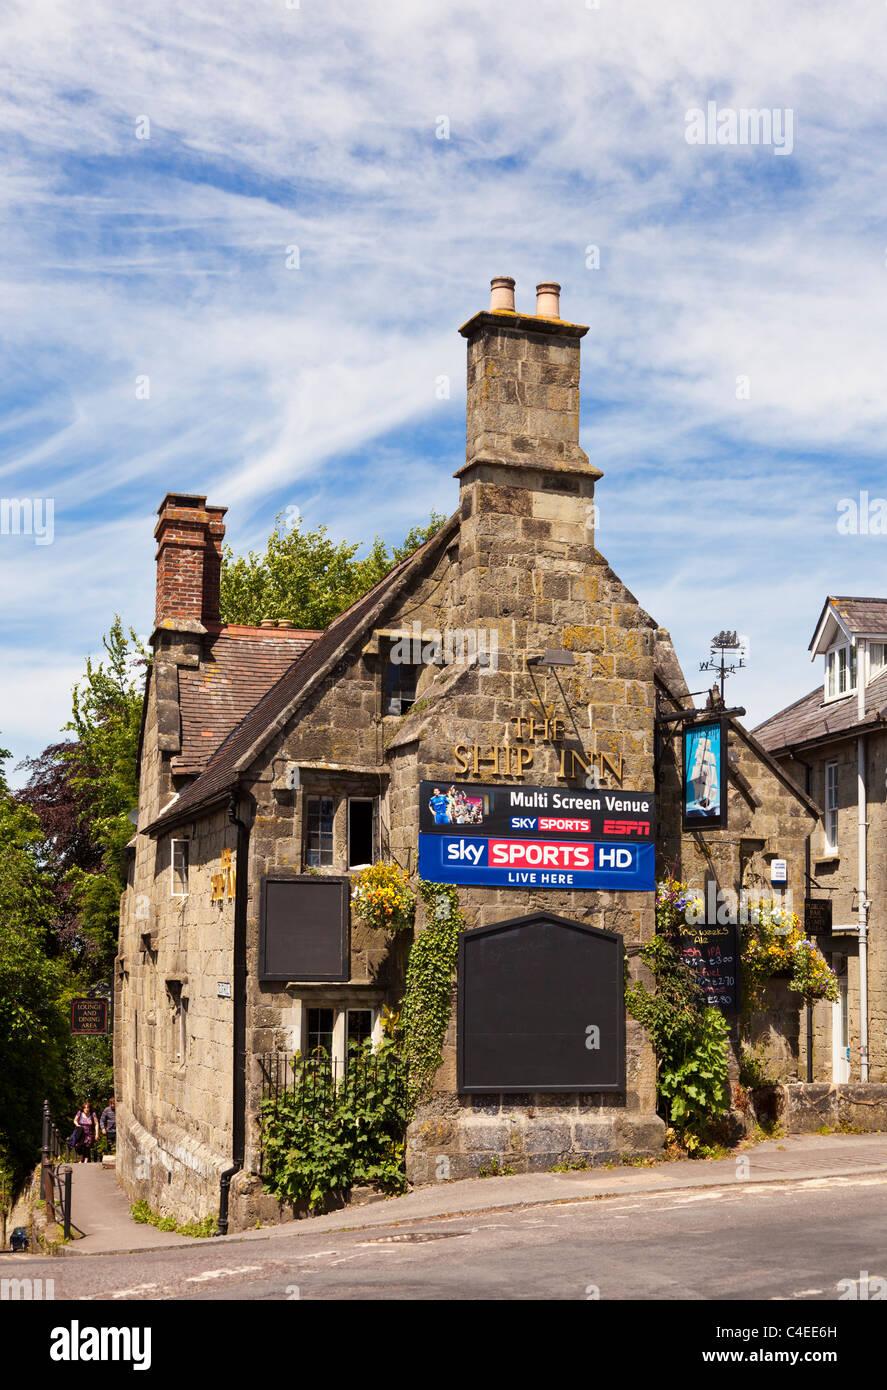 Pub británico promo con Sky Sports en el lateral, en Dorset, Reino Unido Imagen De Stock